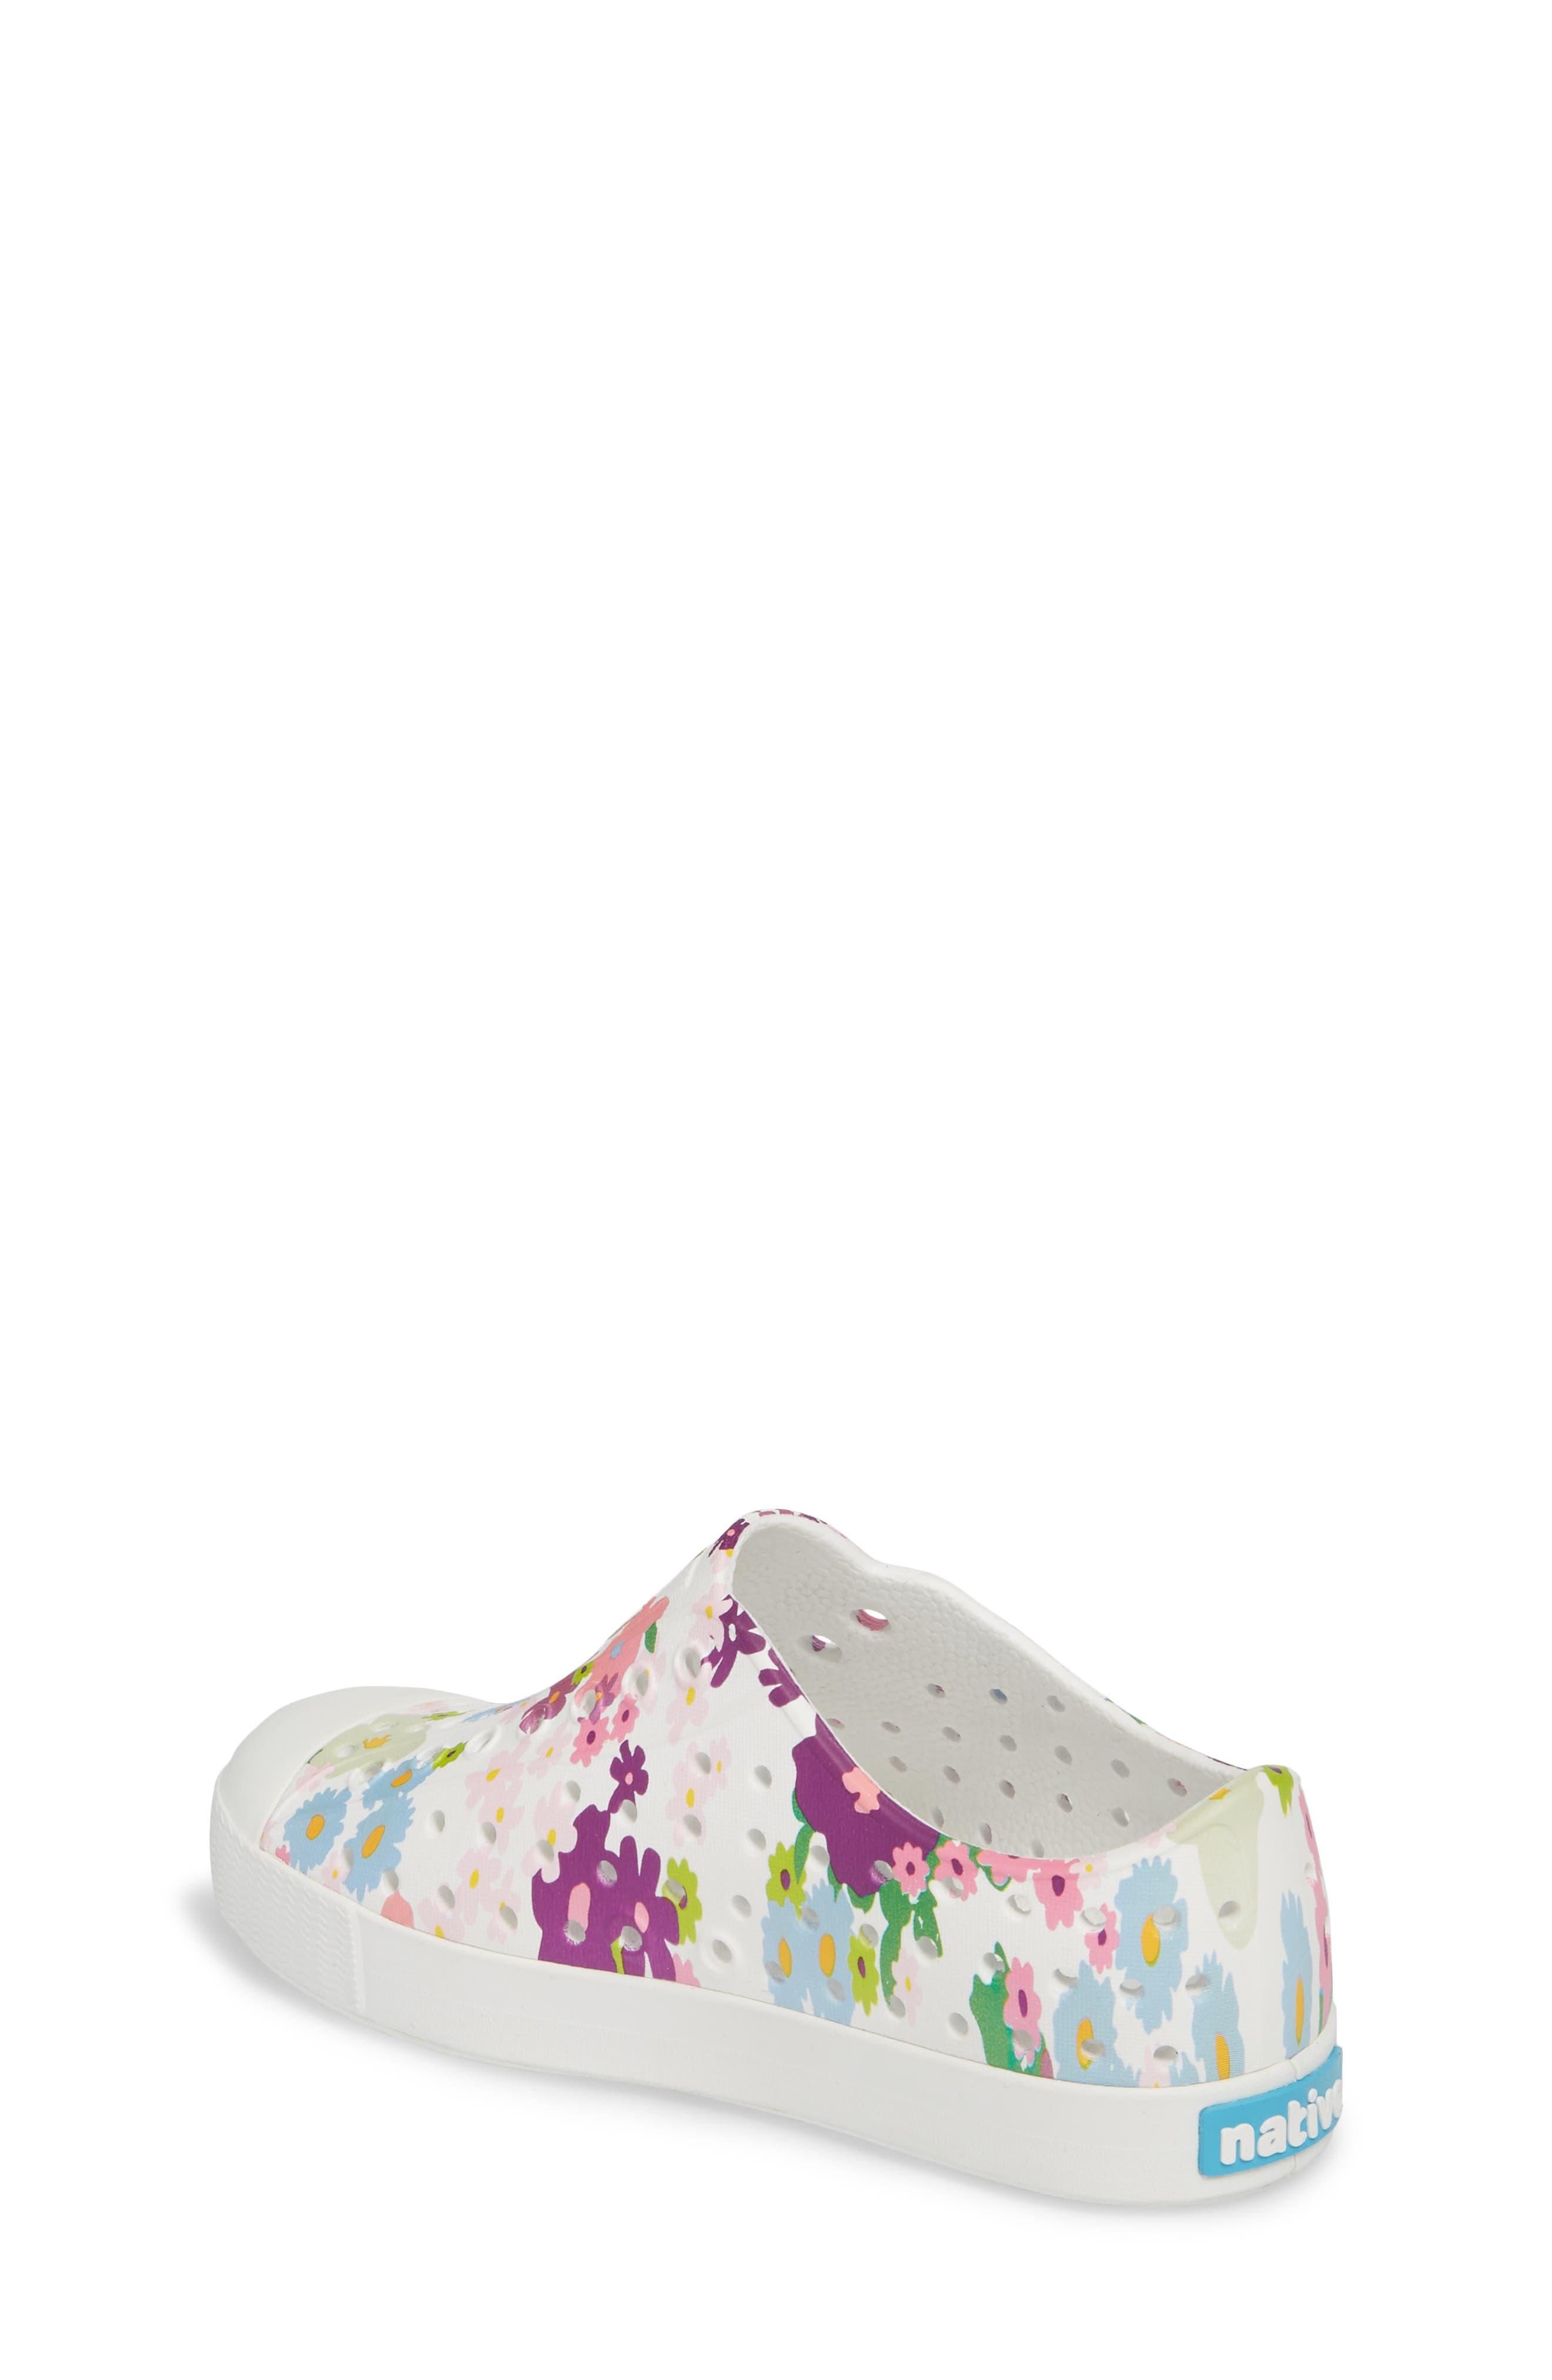 Jefferson Quartz Slip-On Vegan Sneaker,                             Alternate thumbnail 2, color,                             SHELL WHITE/ DAISY PRINT